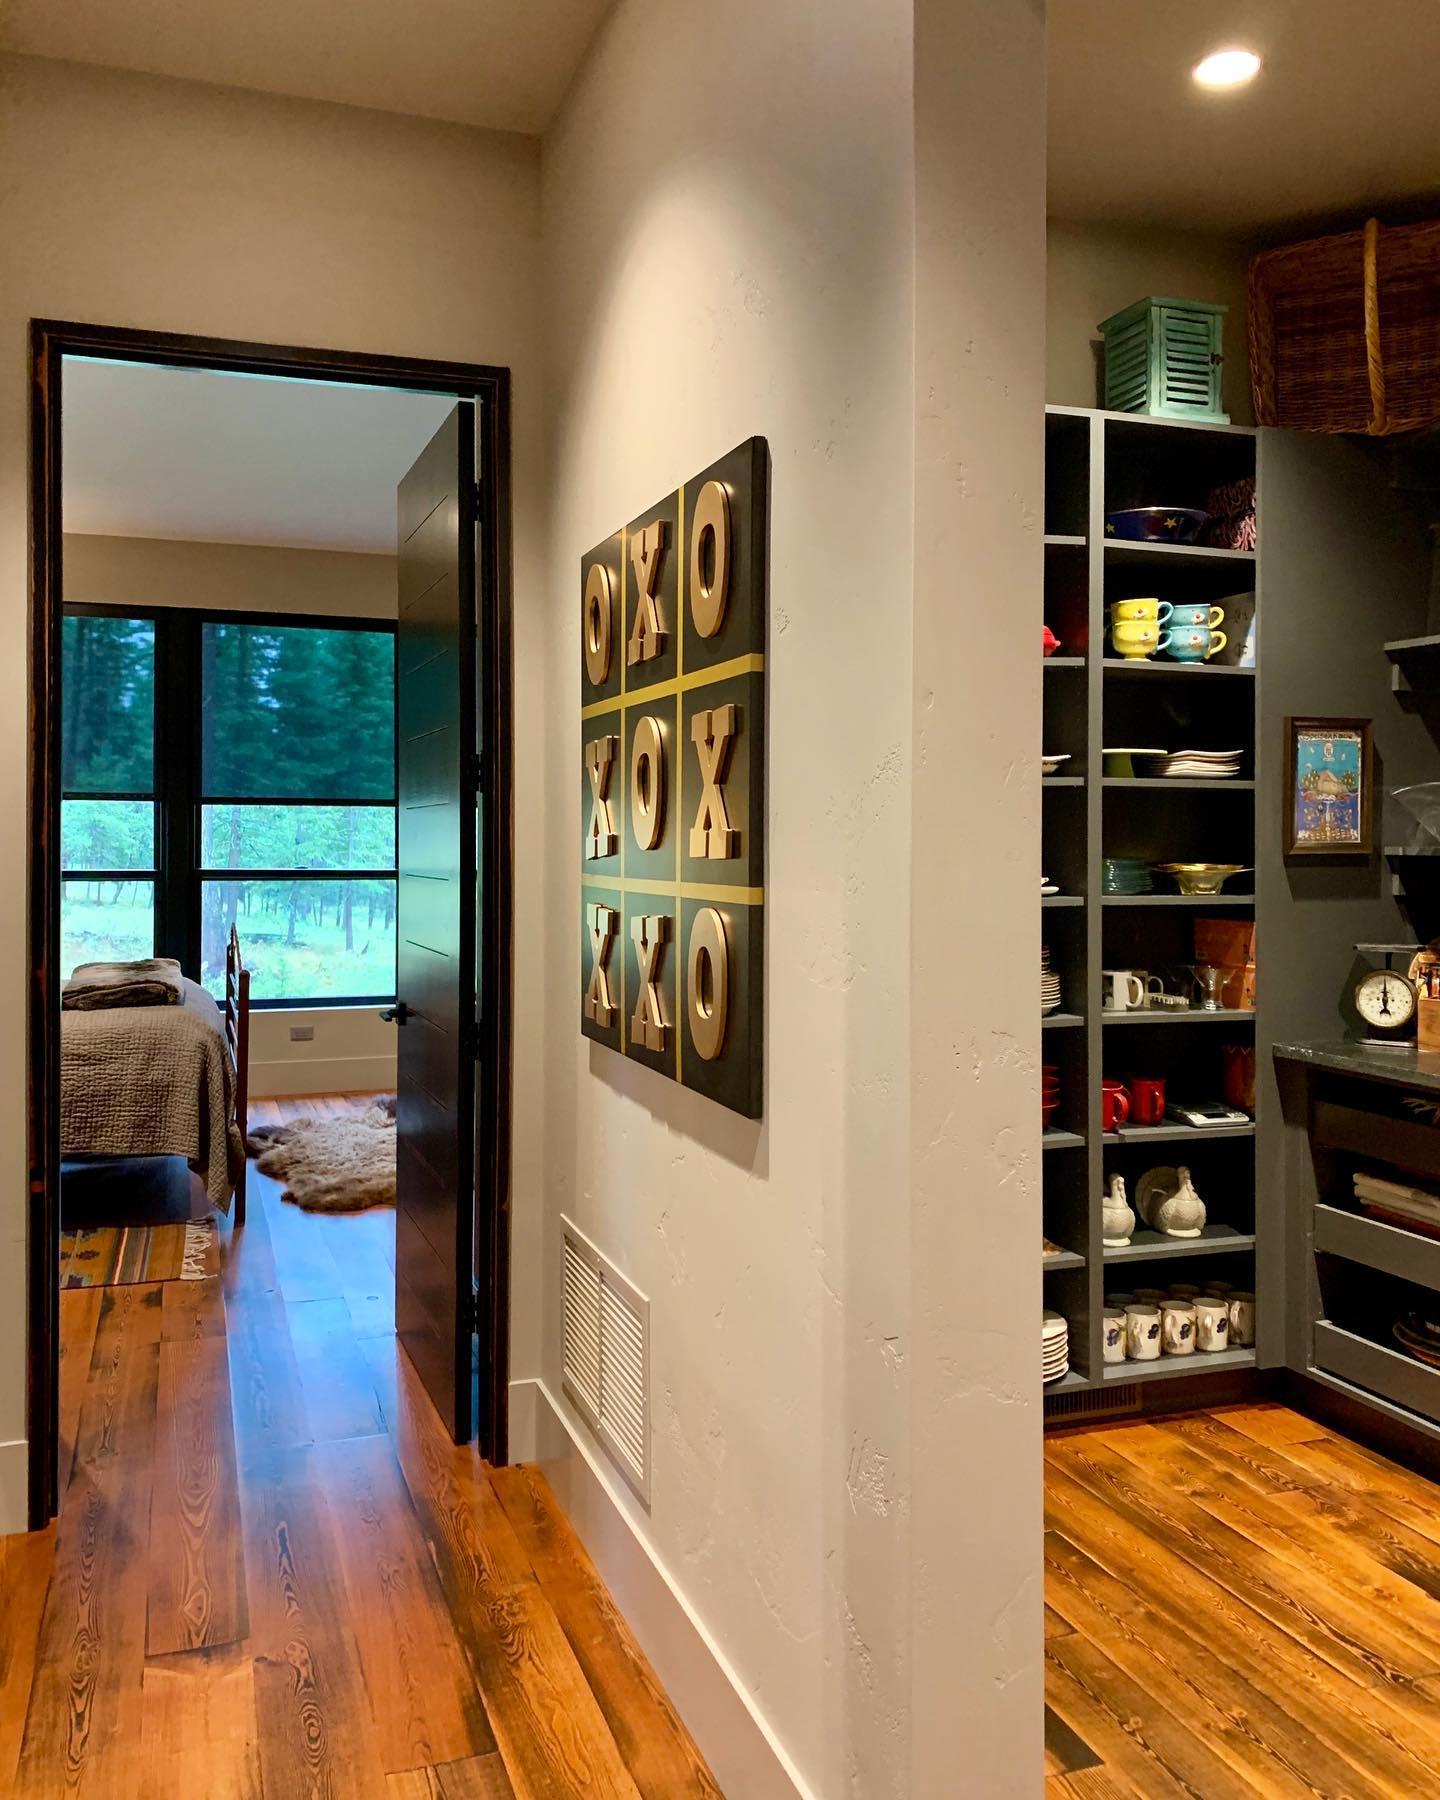 Finished product! @cmtfabrication whitefish custom home builder